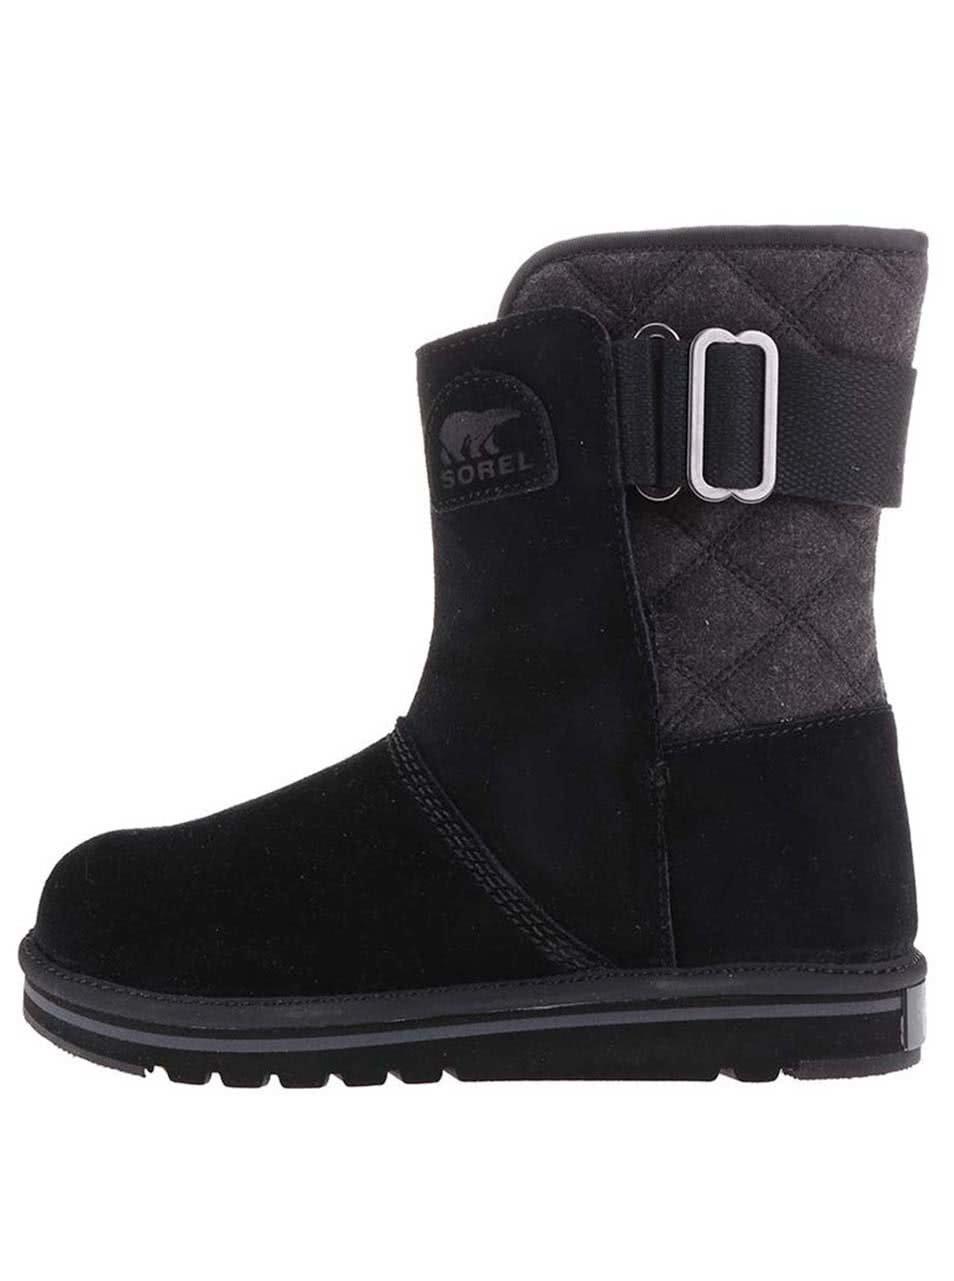 Černé kožené voděodolné zimní boty SOREL The Campus